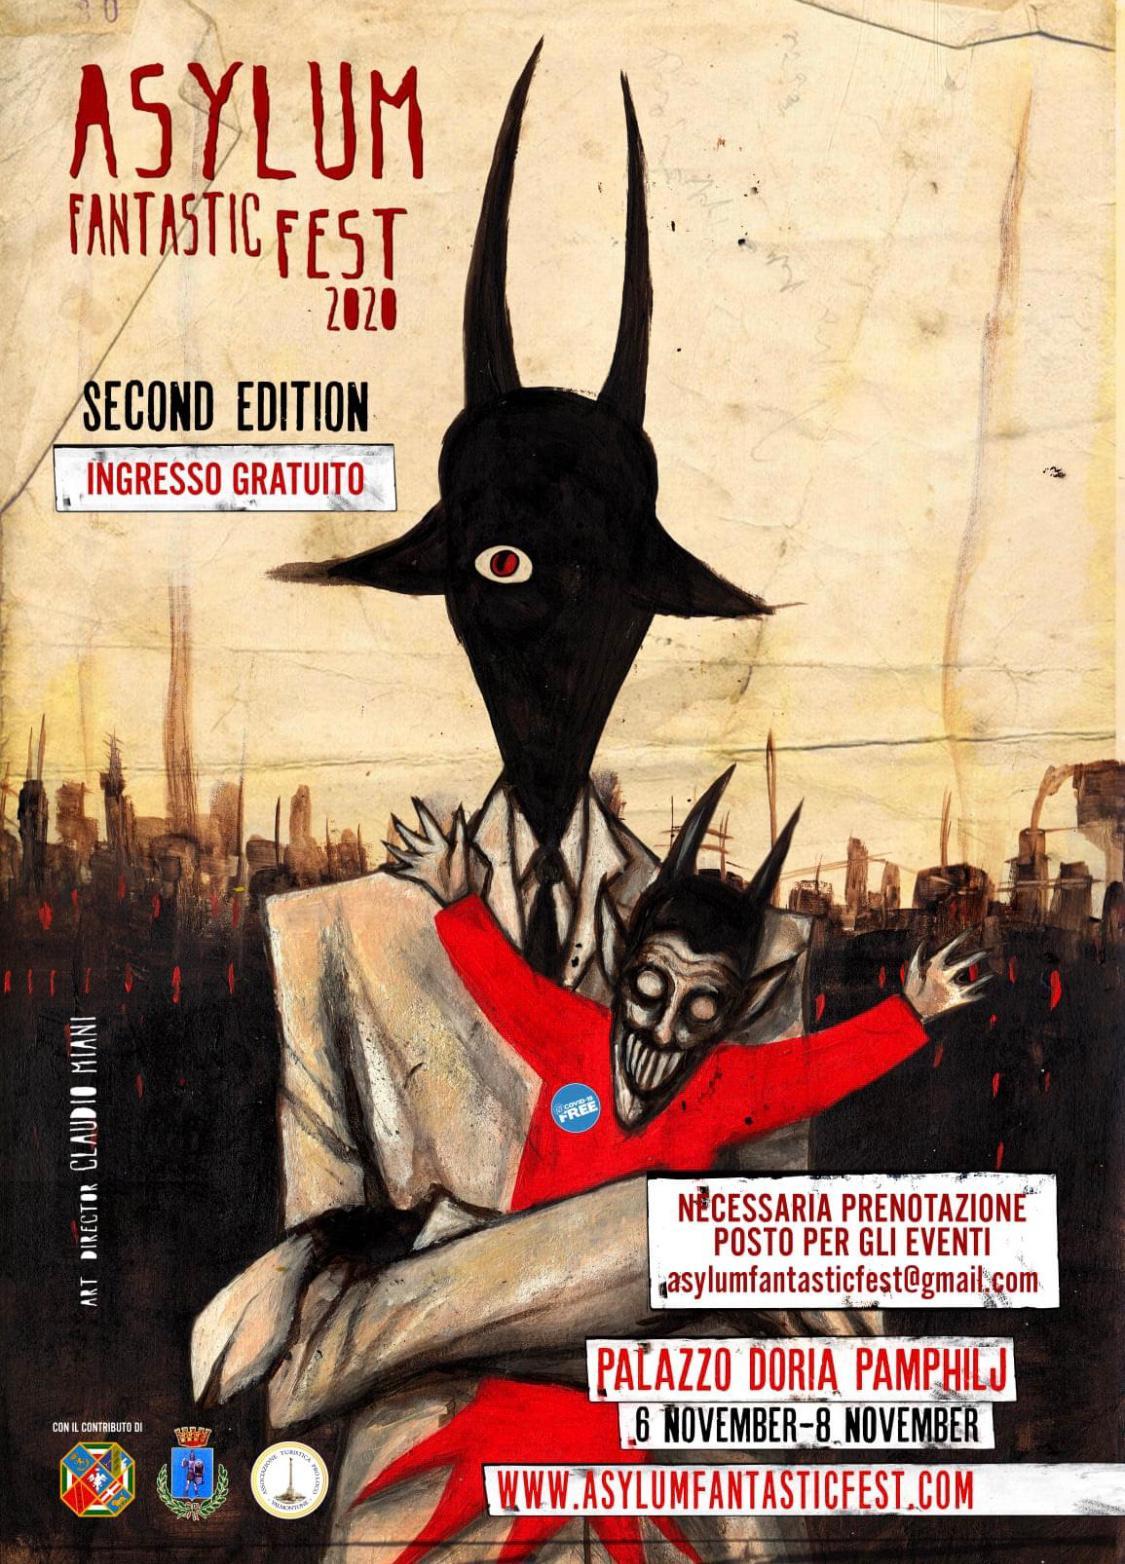 Dell' Asylum Fantastic Fest: dal 6 all' 8 novembre 2020 a Valmontone.